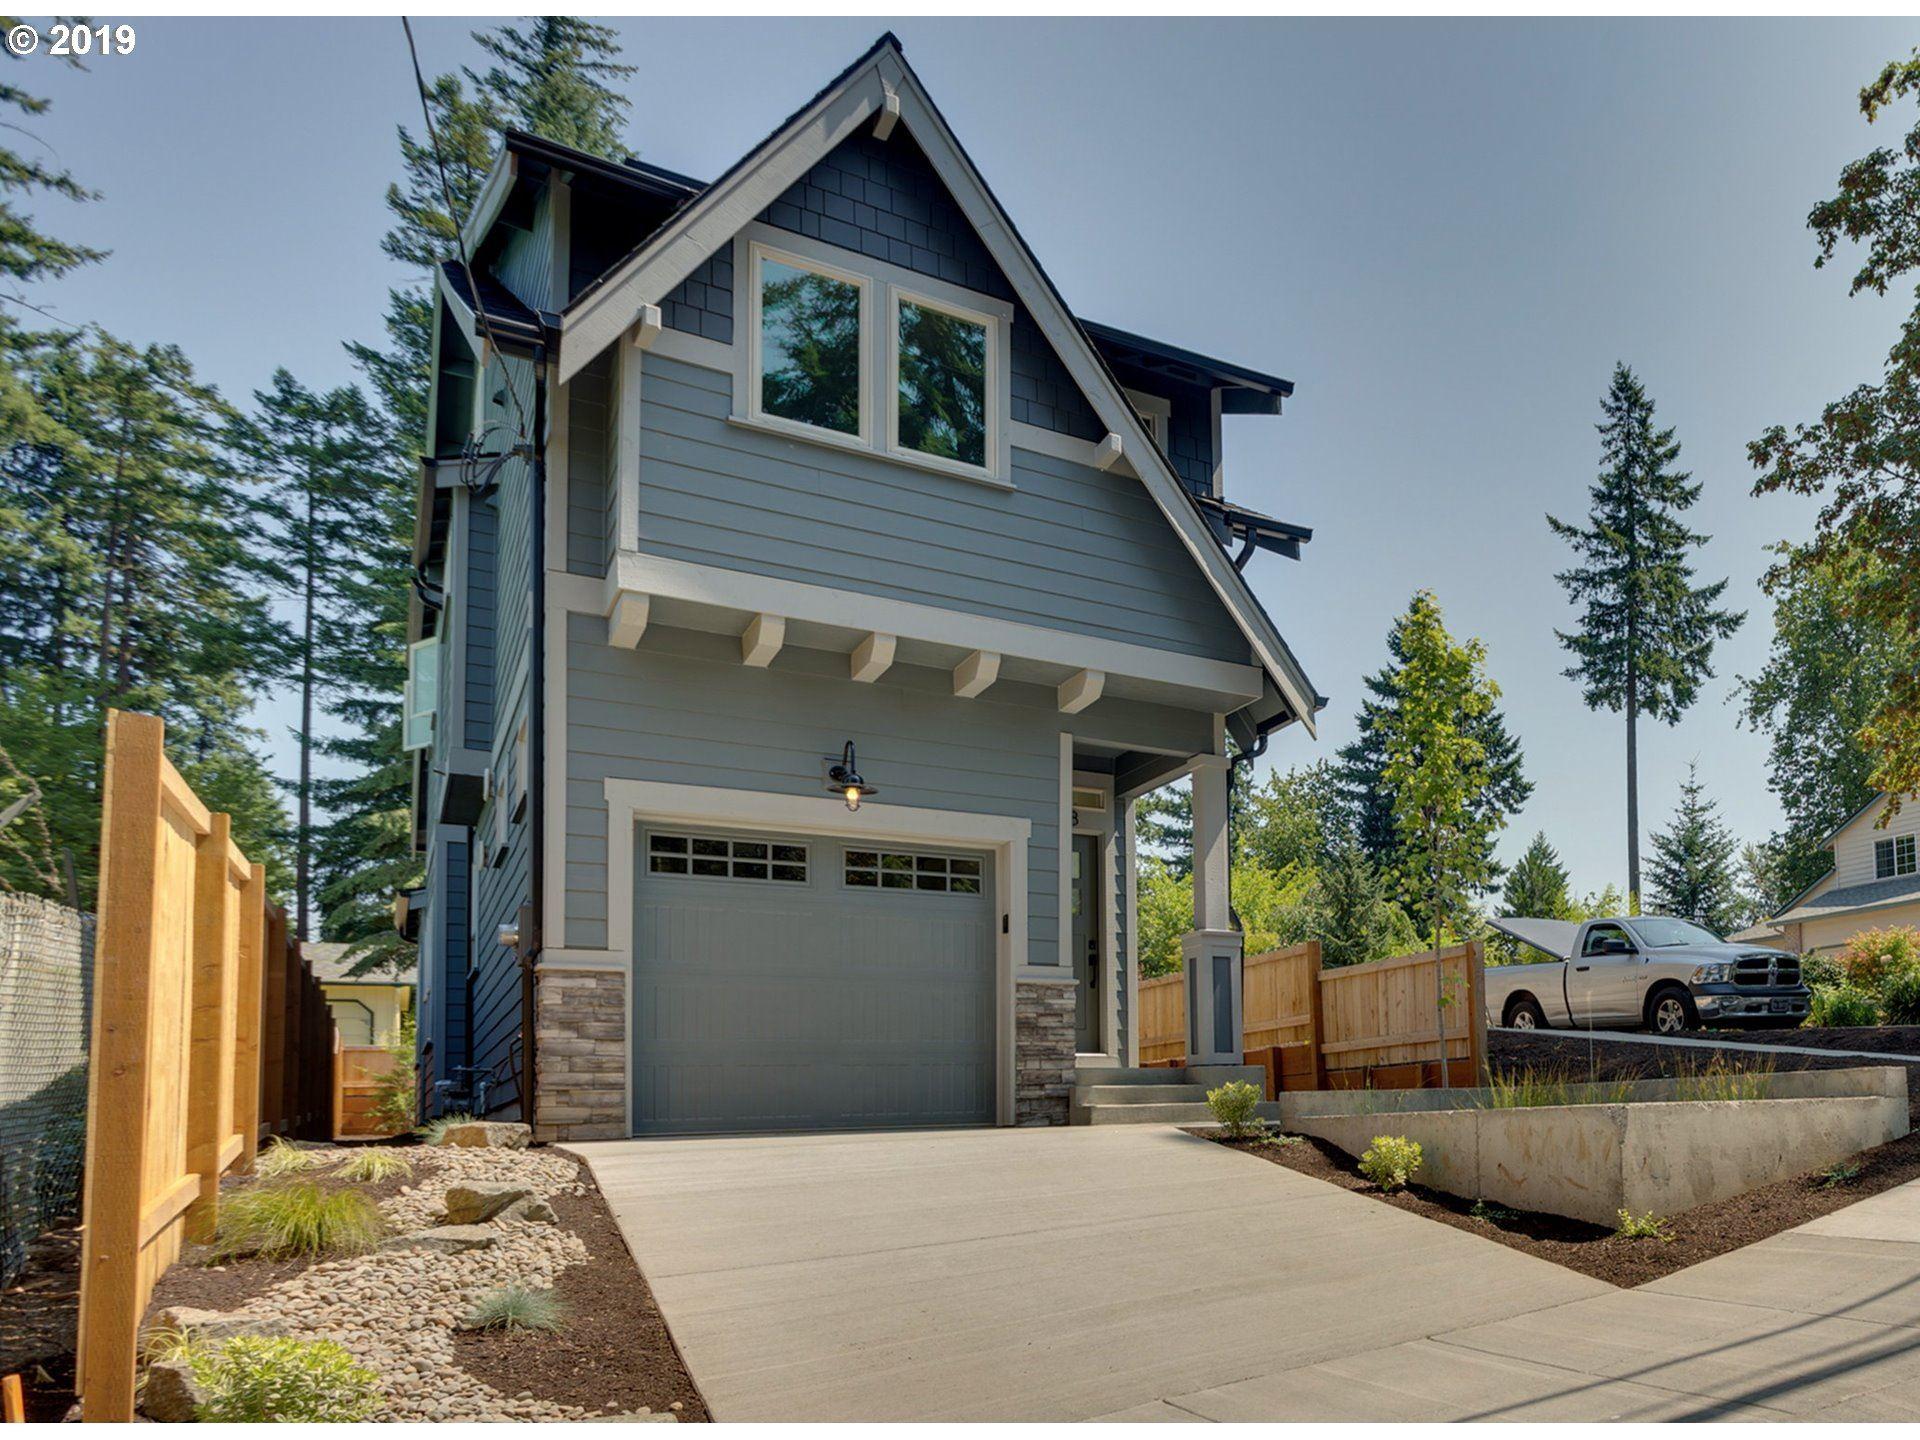 8905 N DRUMMOND AVE, Portland, OR 97217 - MLS#: 20652954